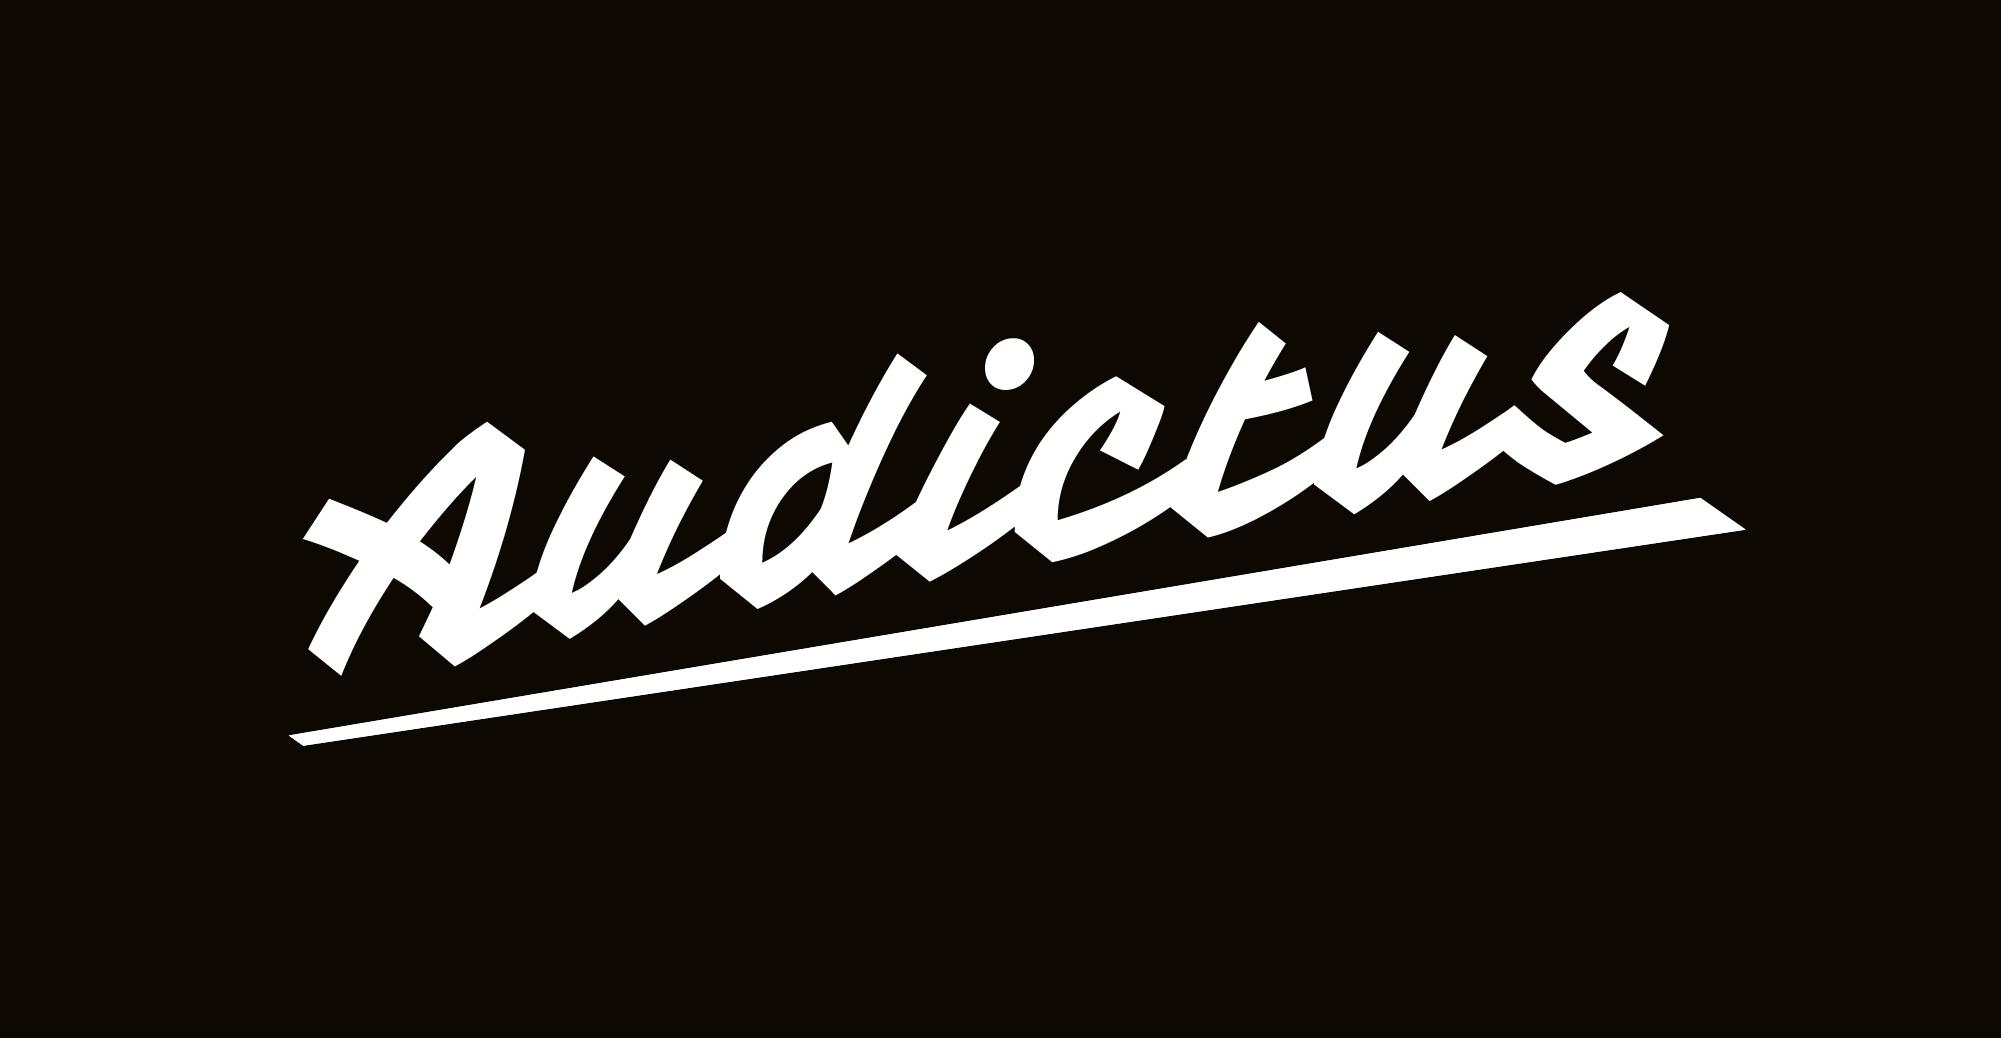 Logo_audictus_black_bg